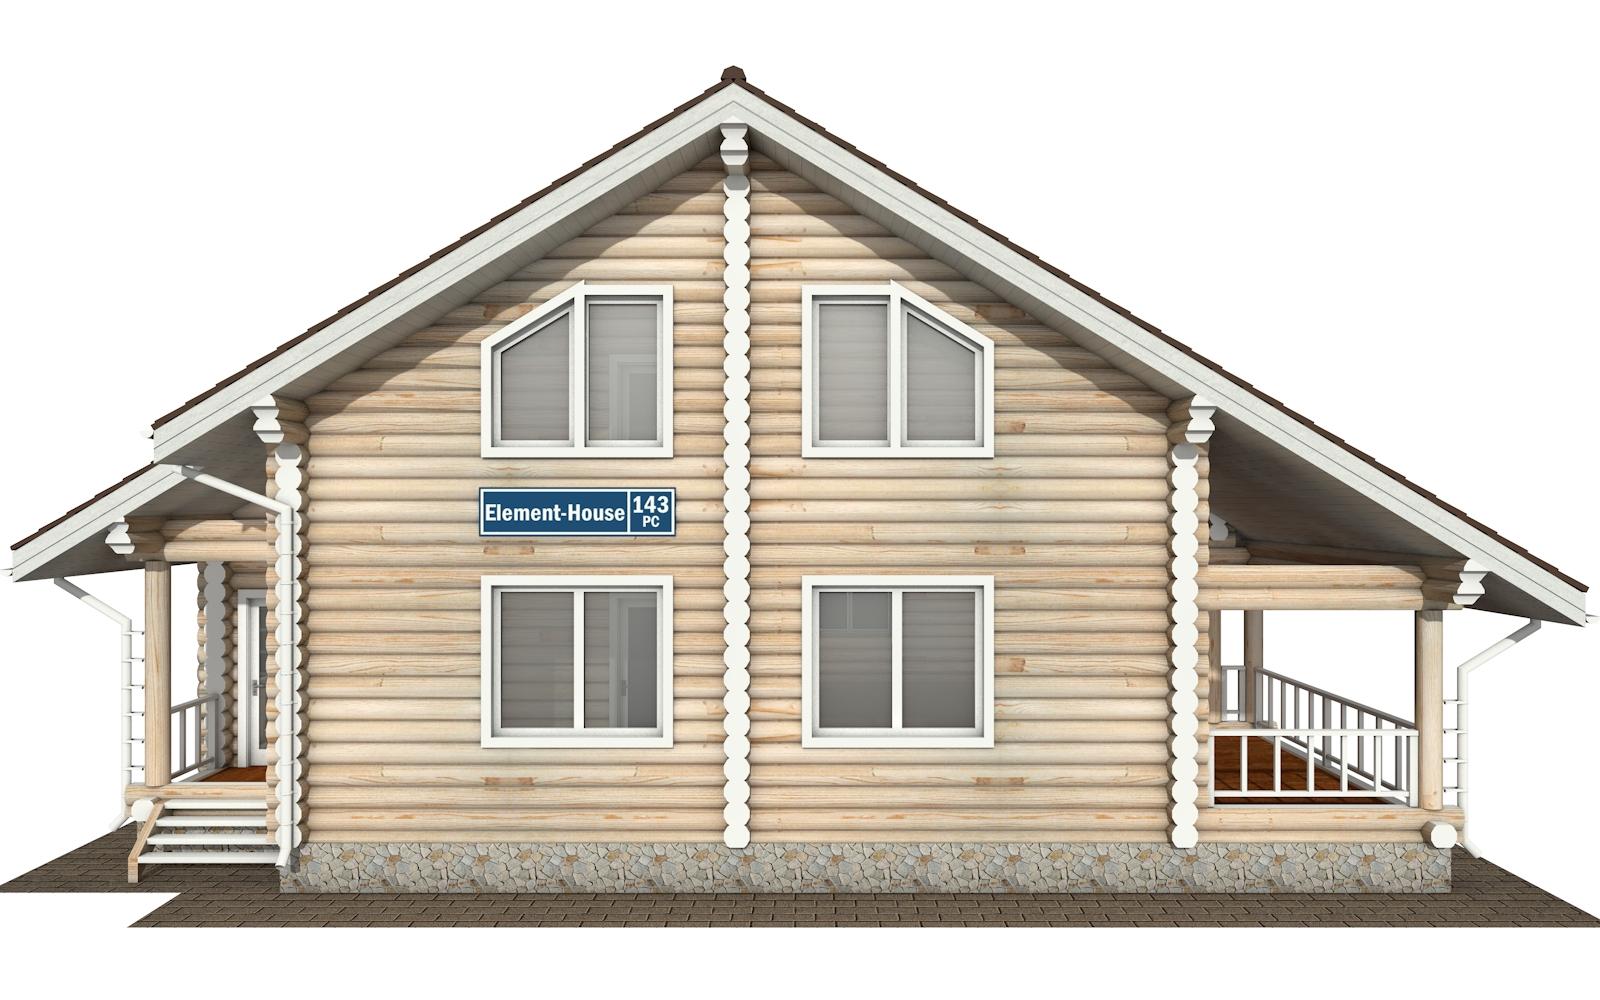 Фото #6: Красивый деревянный дом РС-143 из бревна